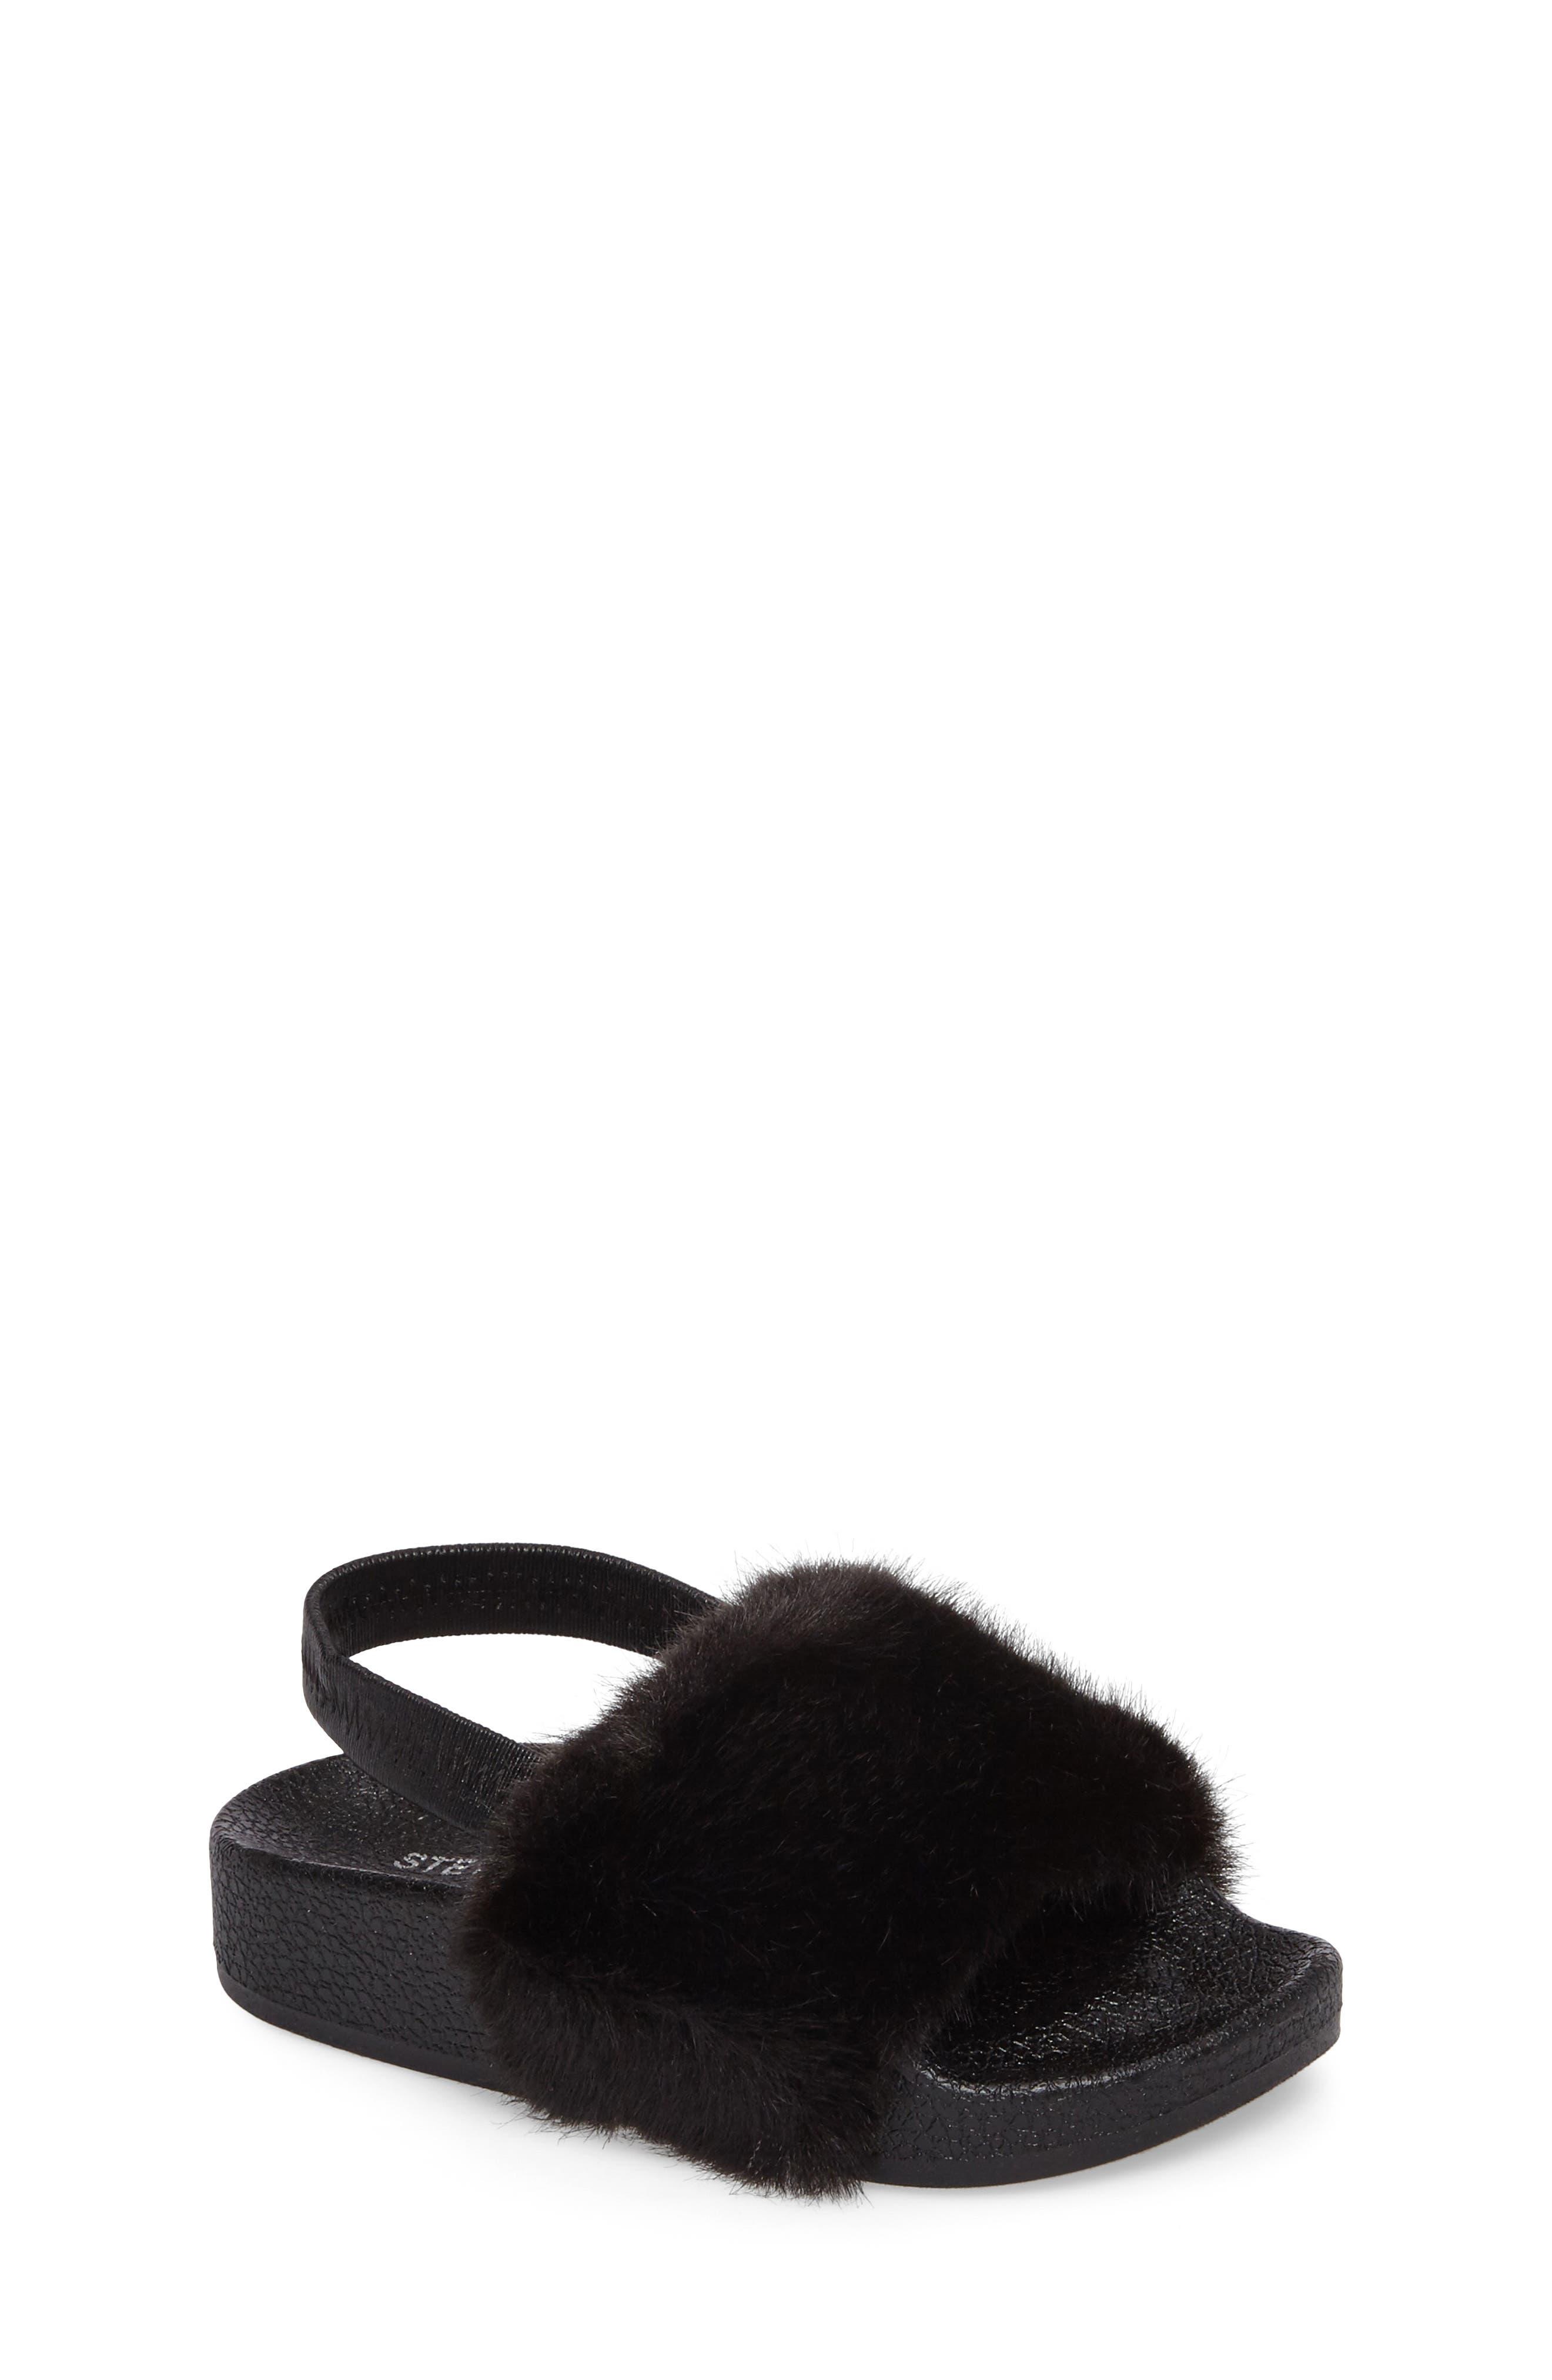 Main Image - Steve Madden Tsoftey Faux Fur Slide Sandal (Toddler)